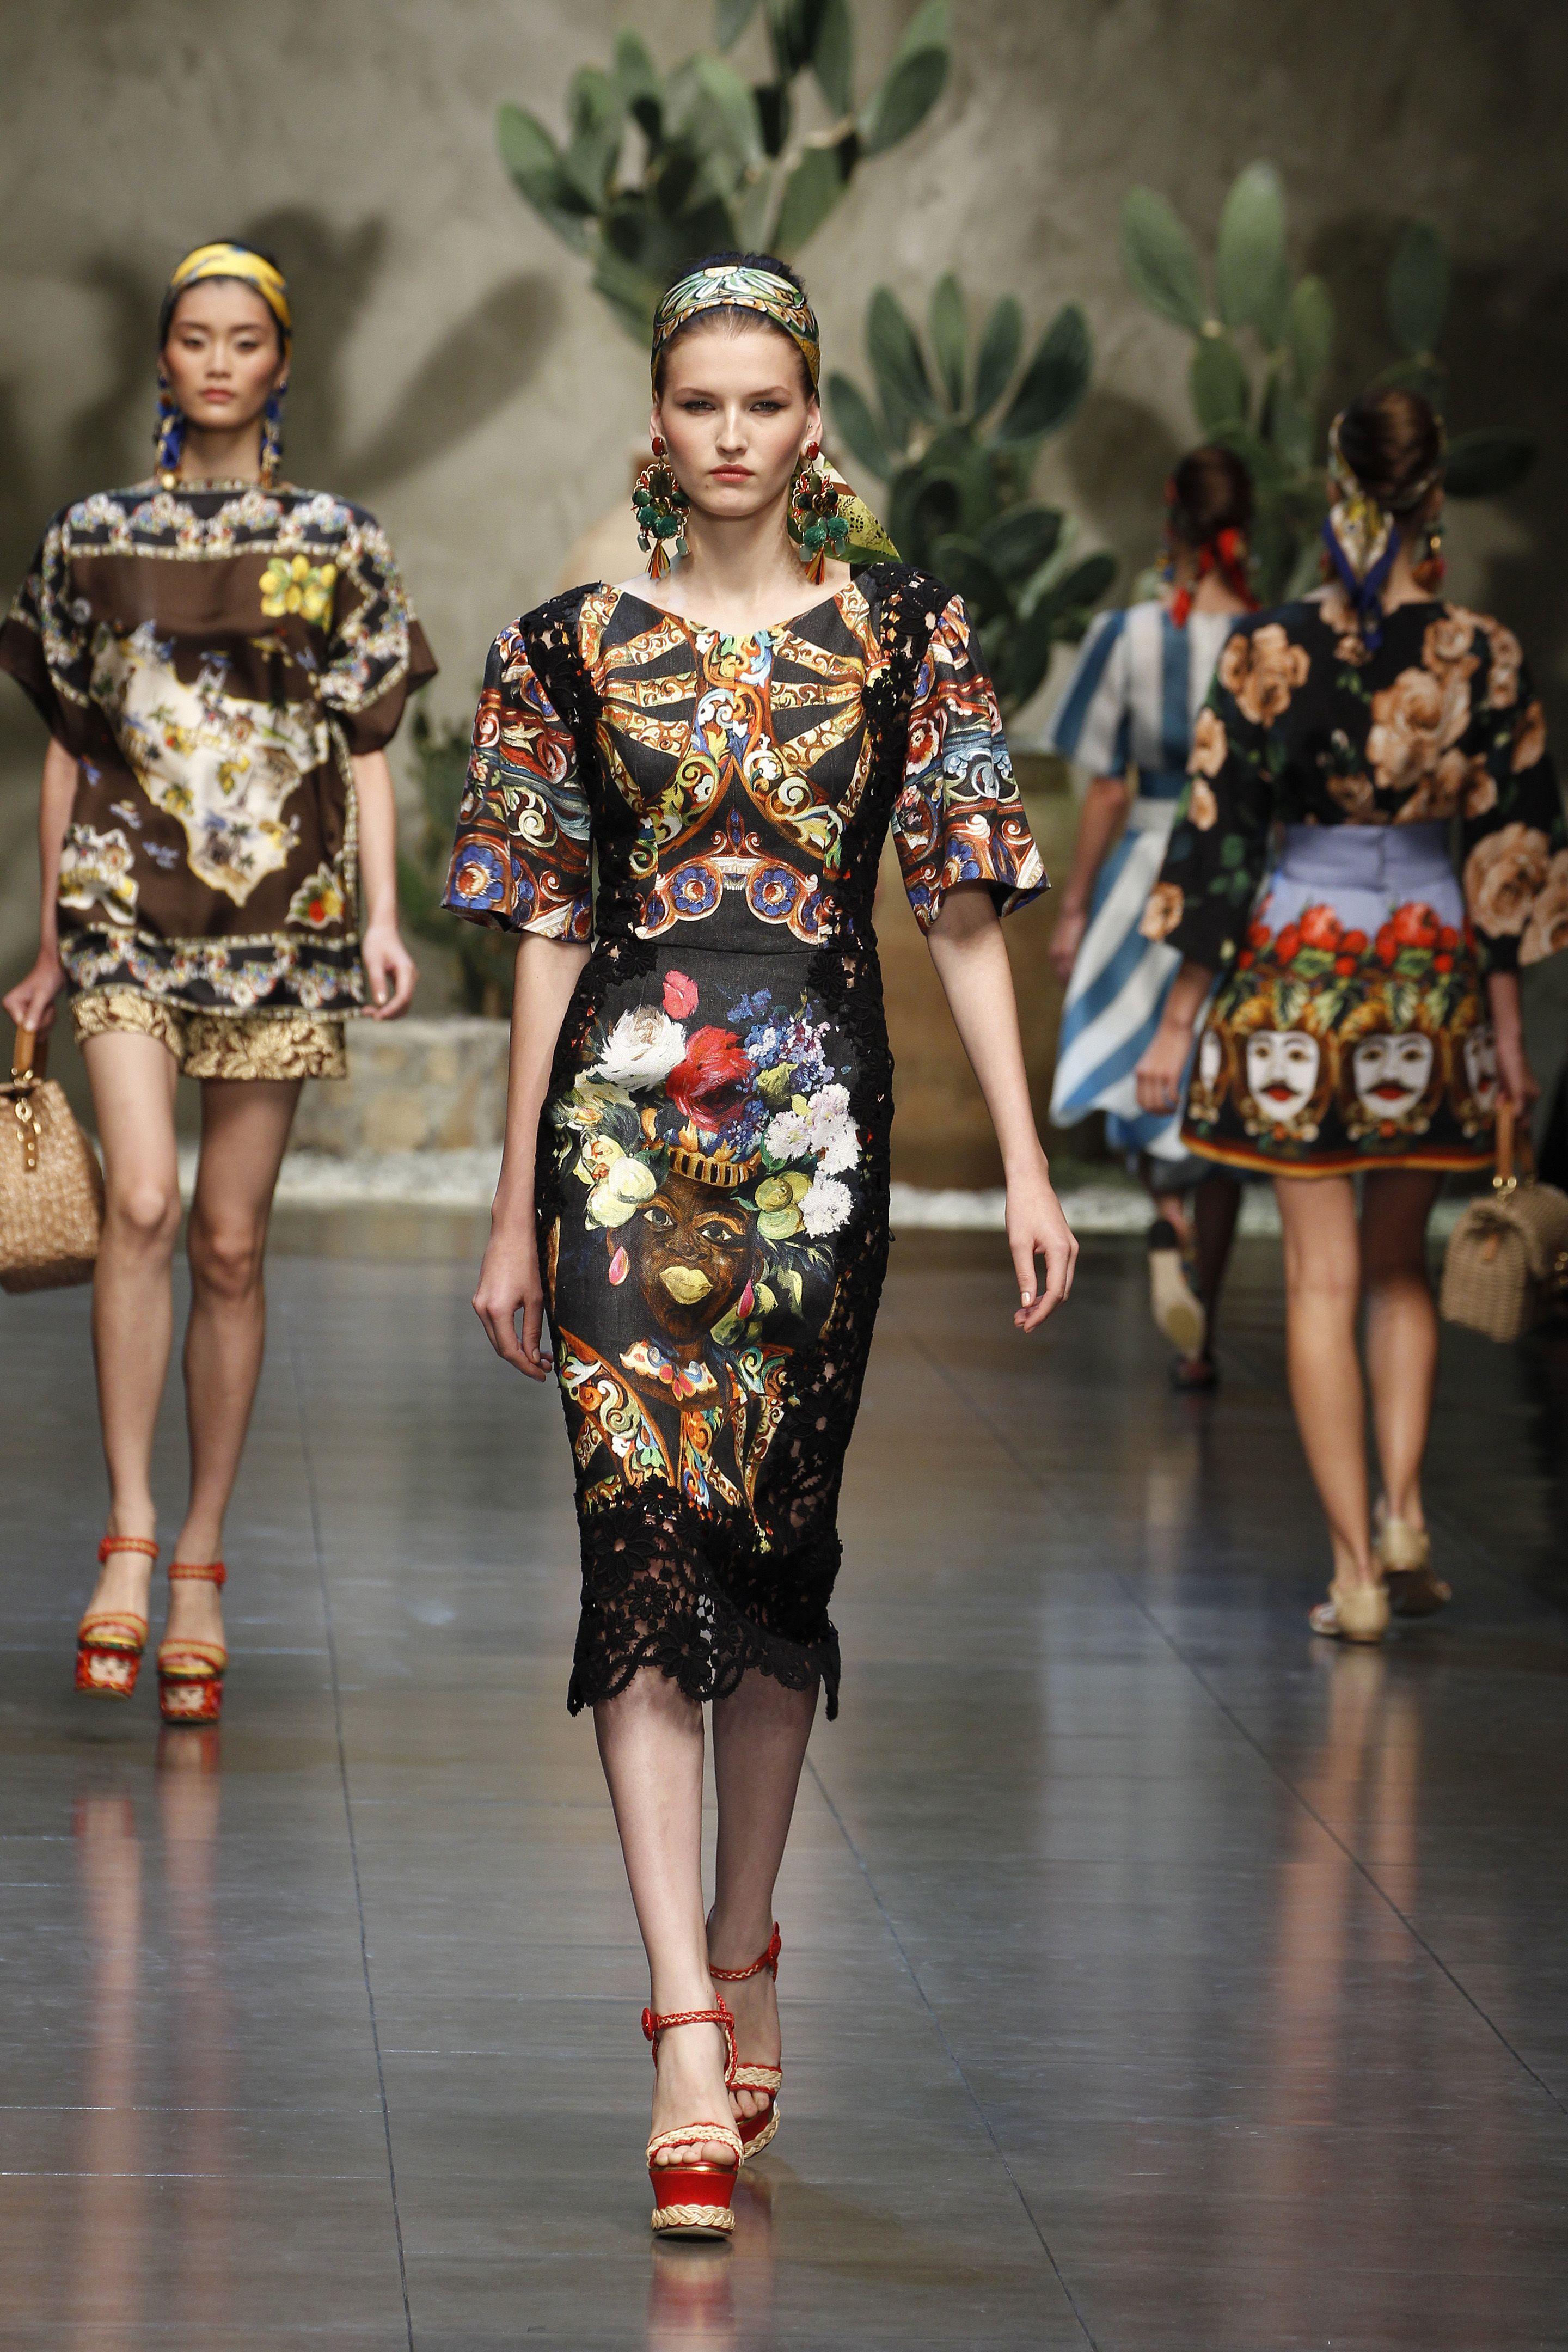 Dolce & Gabbana Fashion, Fashion show, Wearables fashion